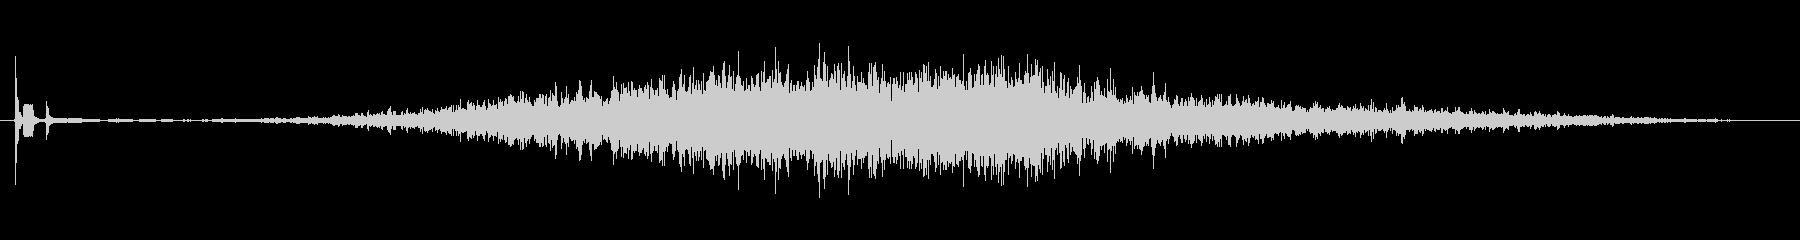 ピ、ブォーン、ピ、レンジフード操作音の未再生の波形